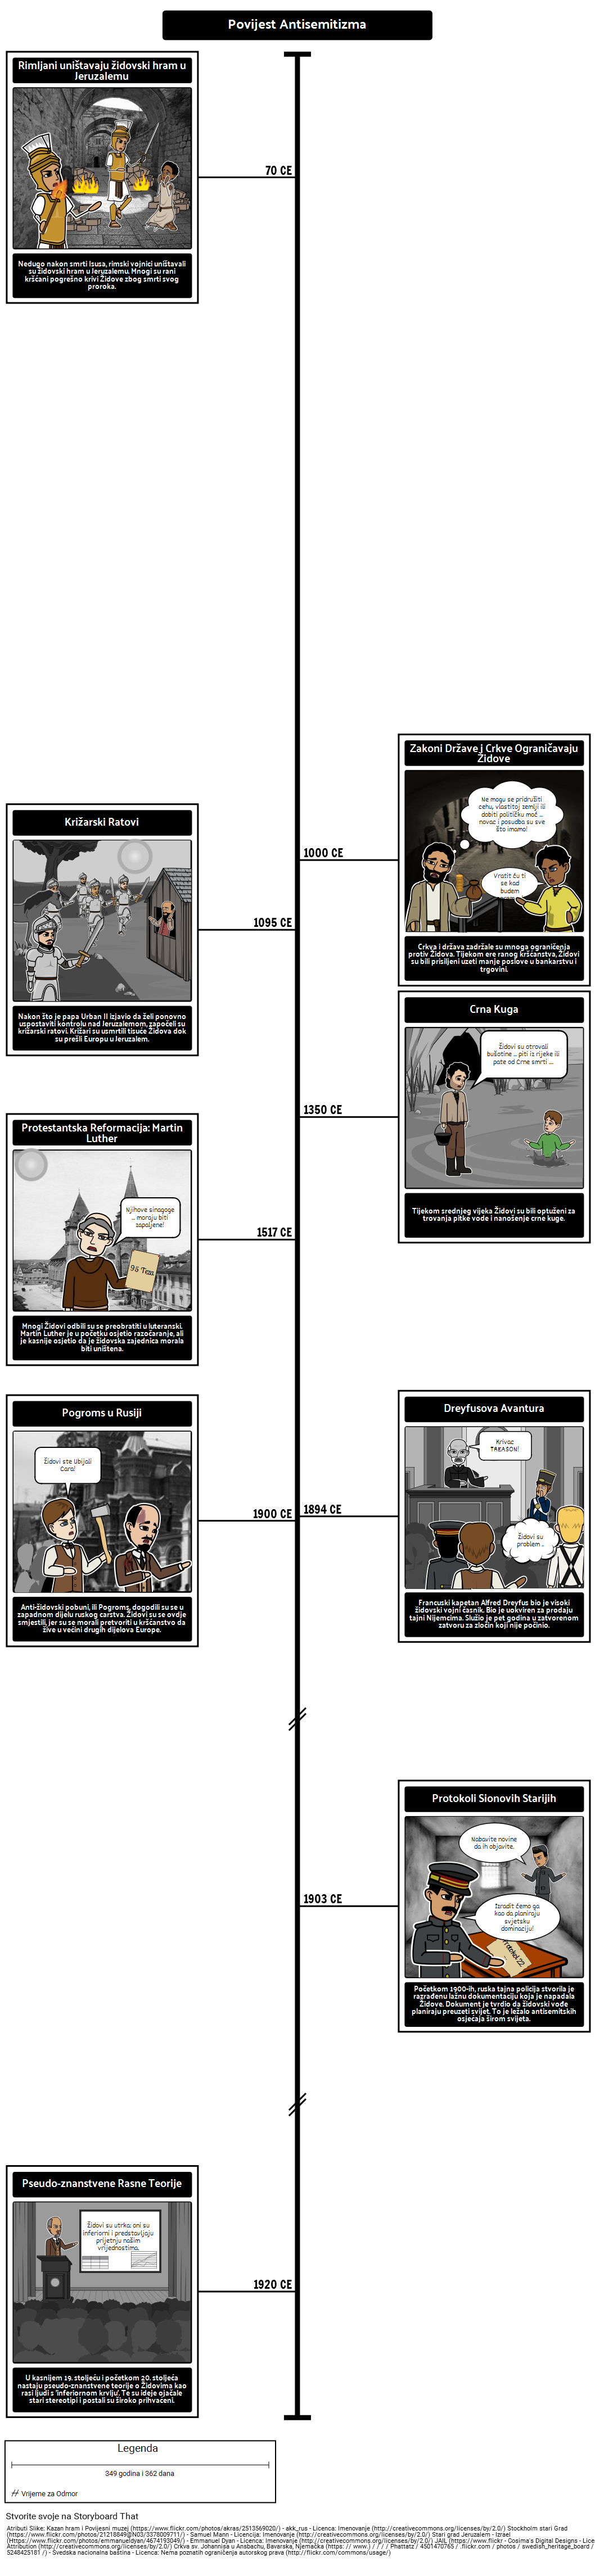 Povijest Holokausta - Povijest Antisemitizma